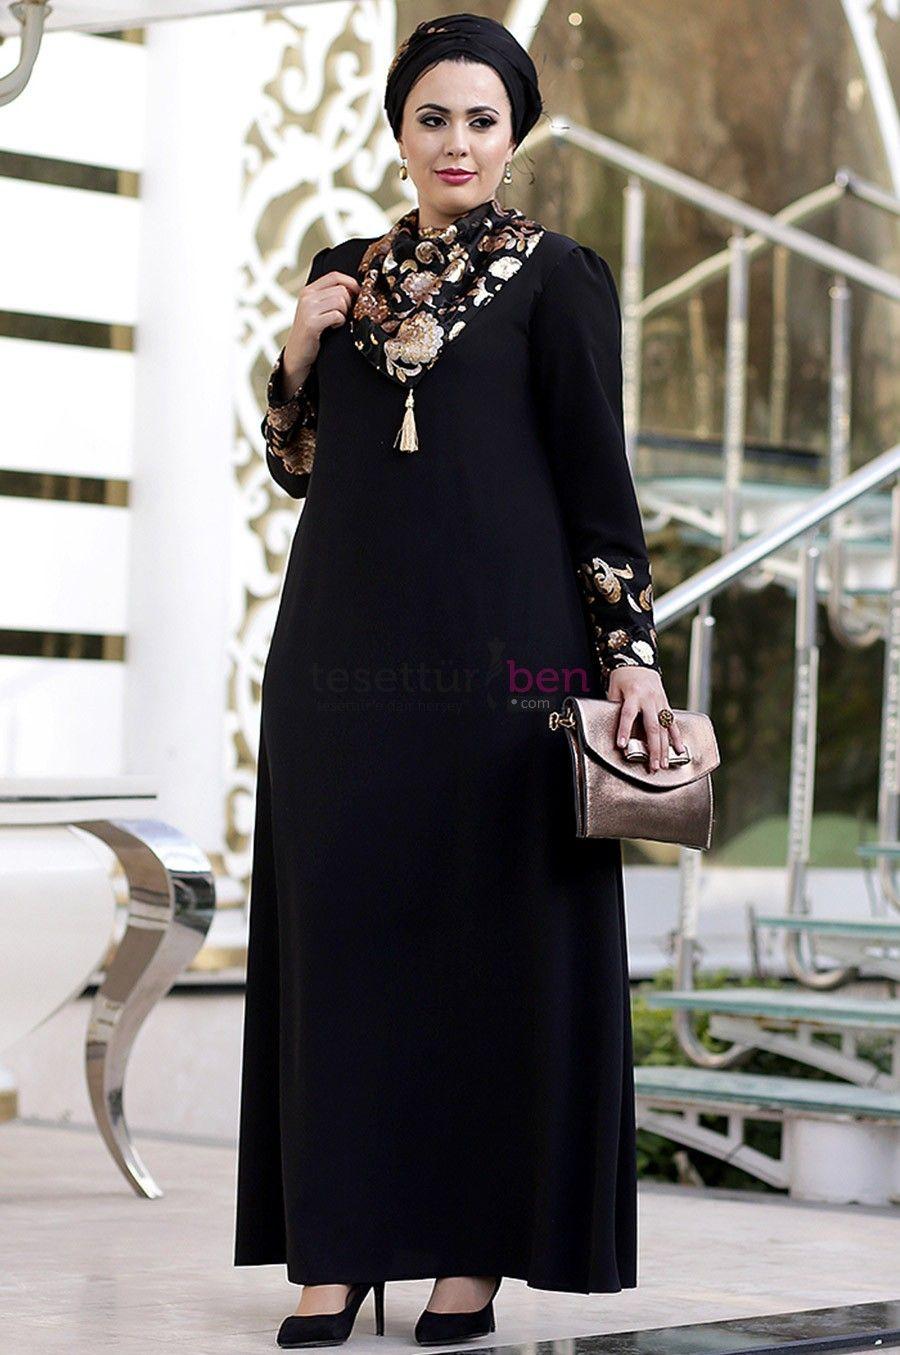 Buyuk Beden Tesettur Abiye Elbise Modelleri Zarif Tesettur Elbise Modelleri Elbise Giyim